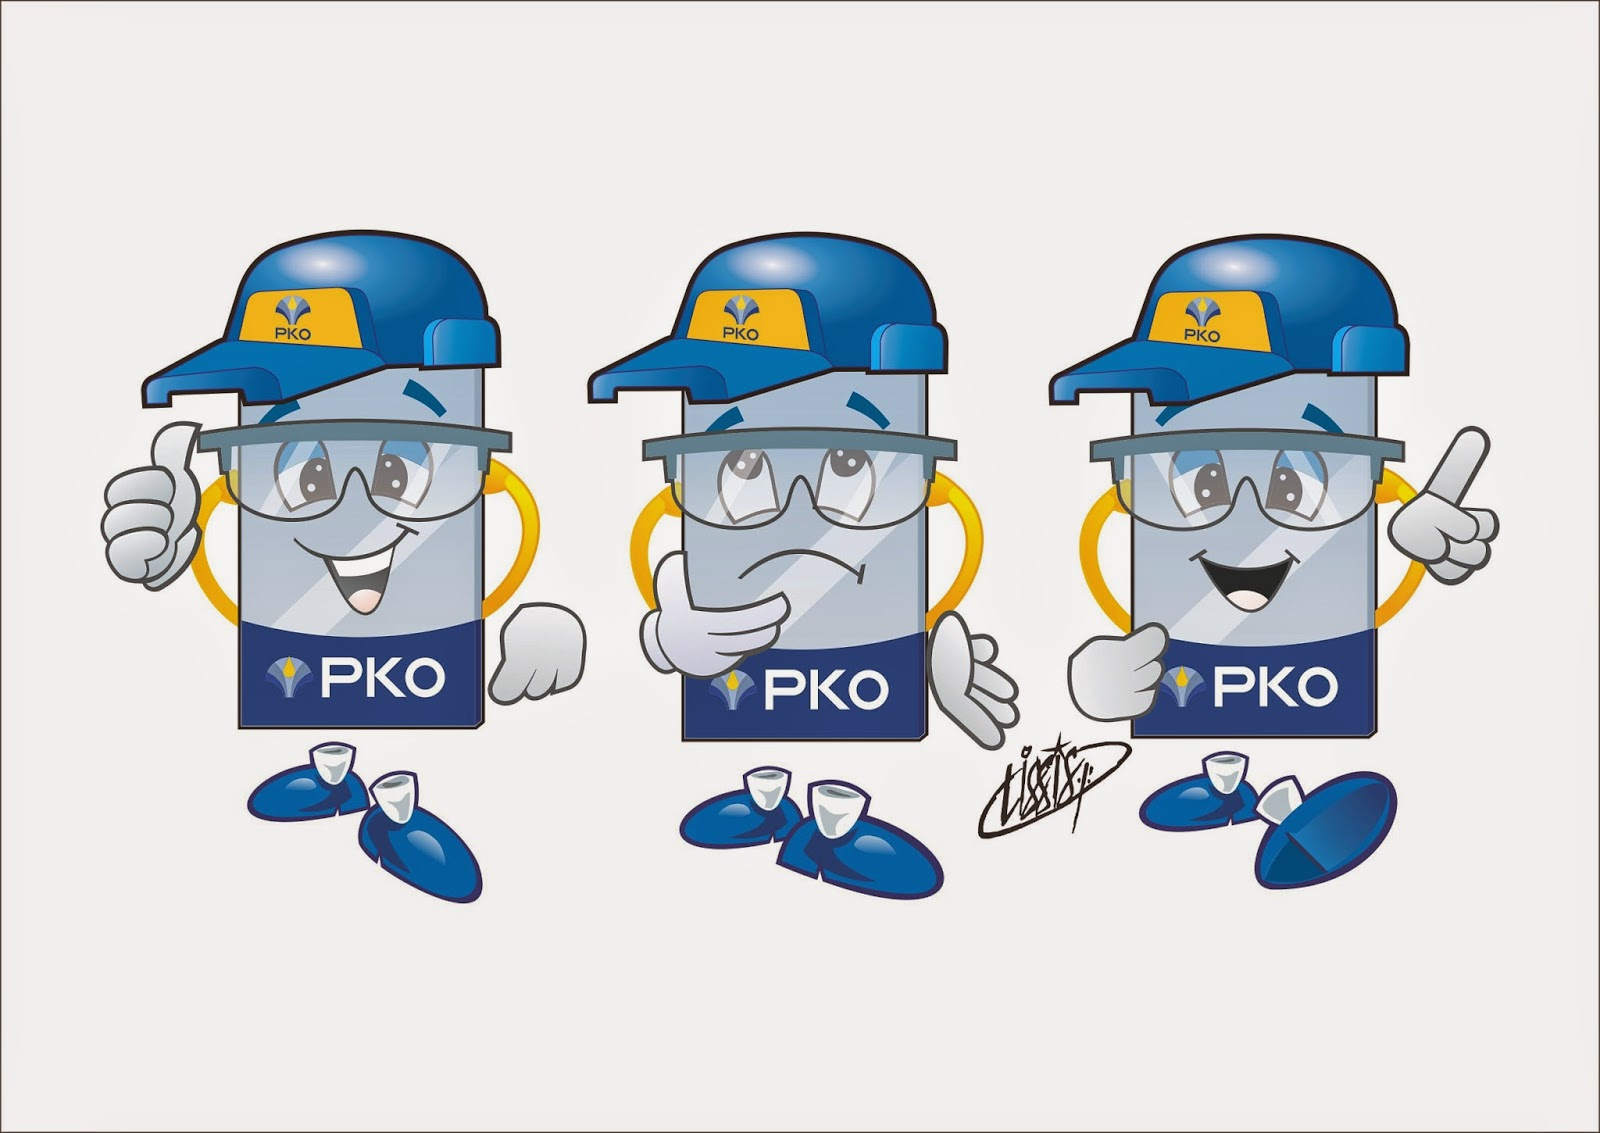 Programa 5 S desenho posições mascote